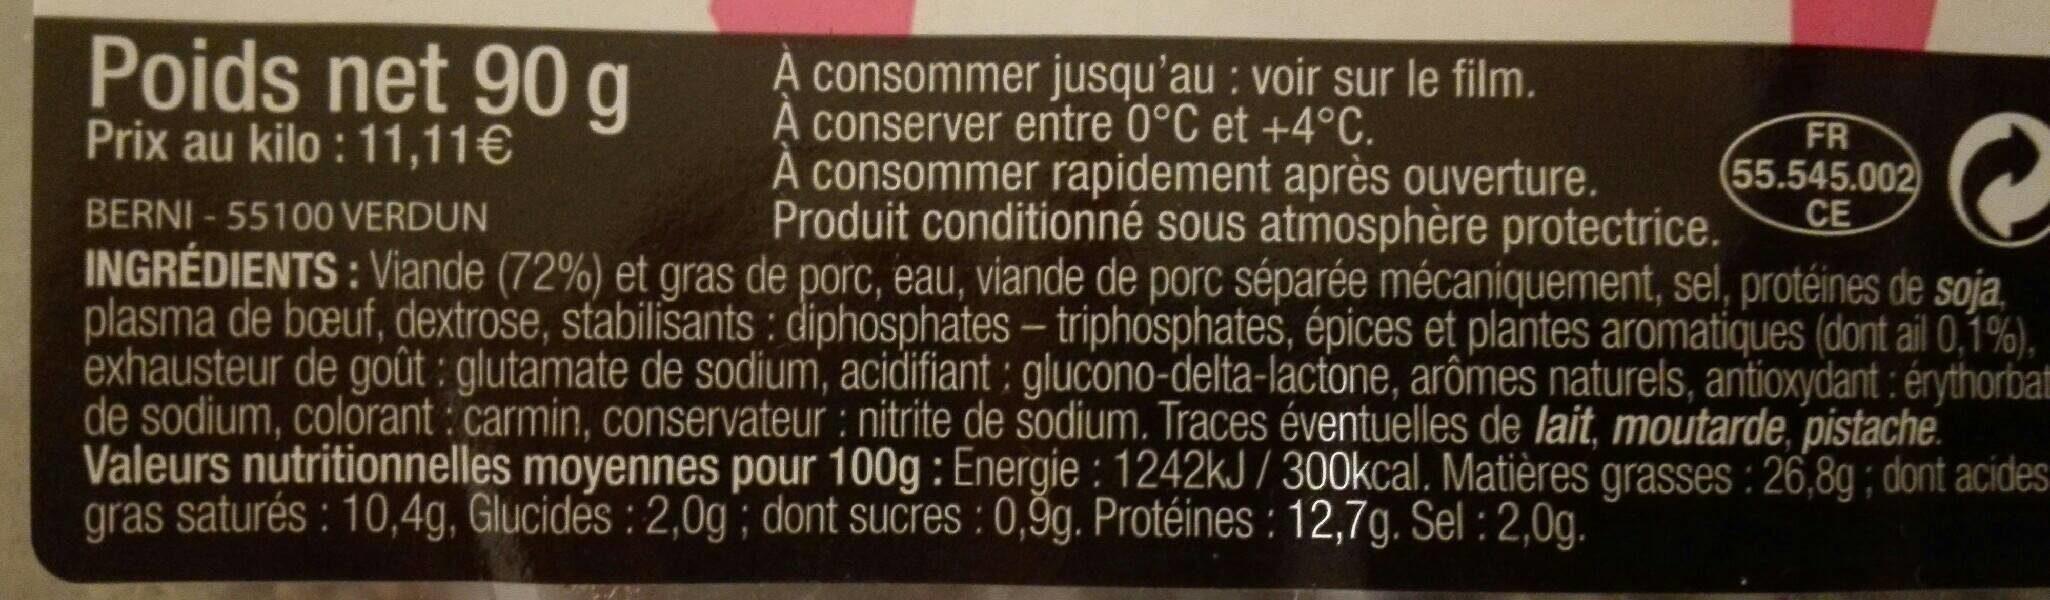 Saucisson cuit a l ail - Informations nutritionnelles